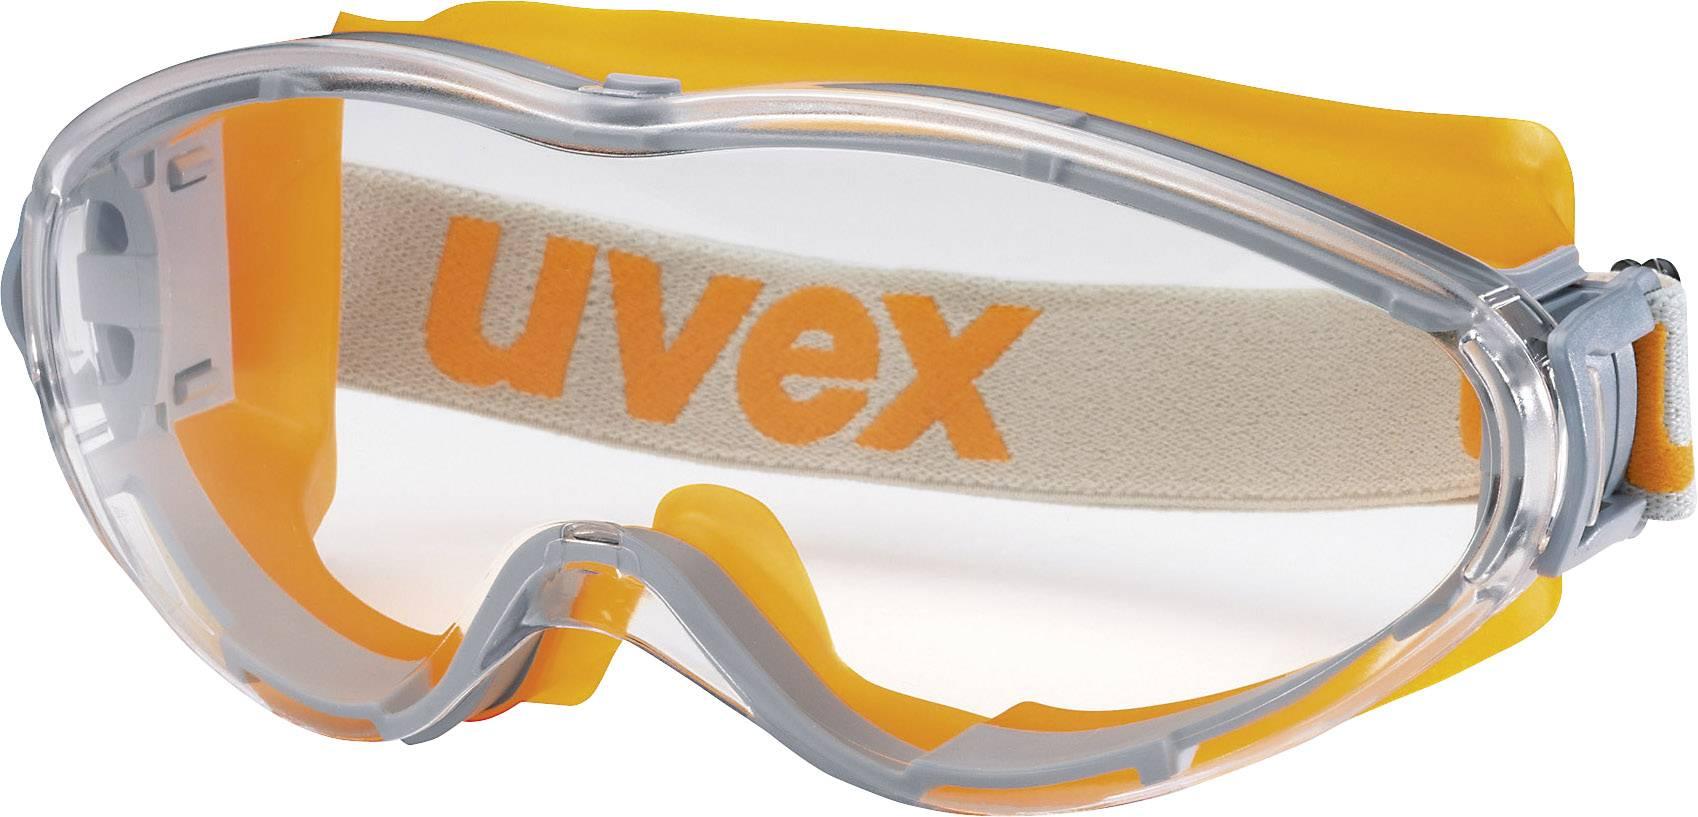 Uzatvorené ochranné okuliare Uvex 9302245